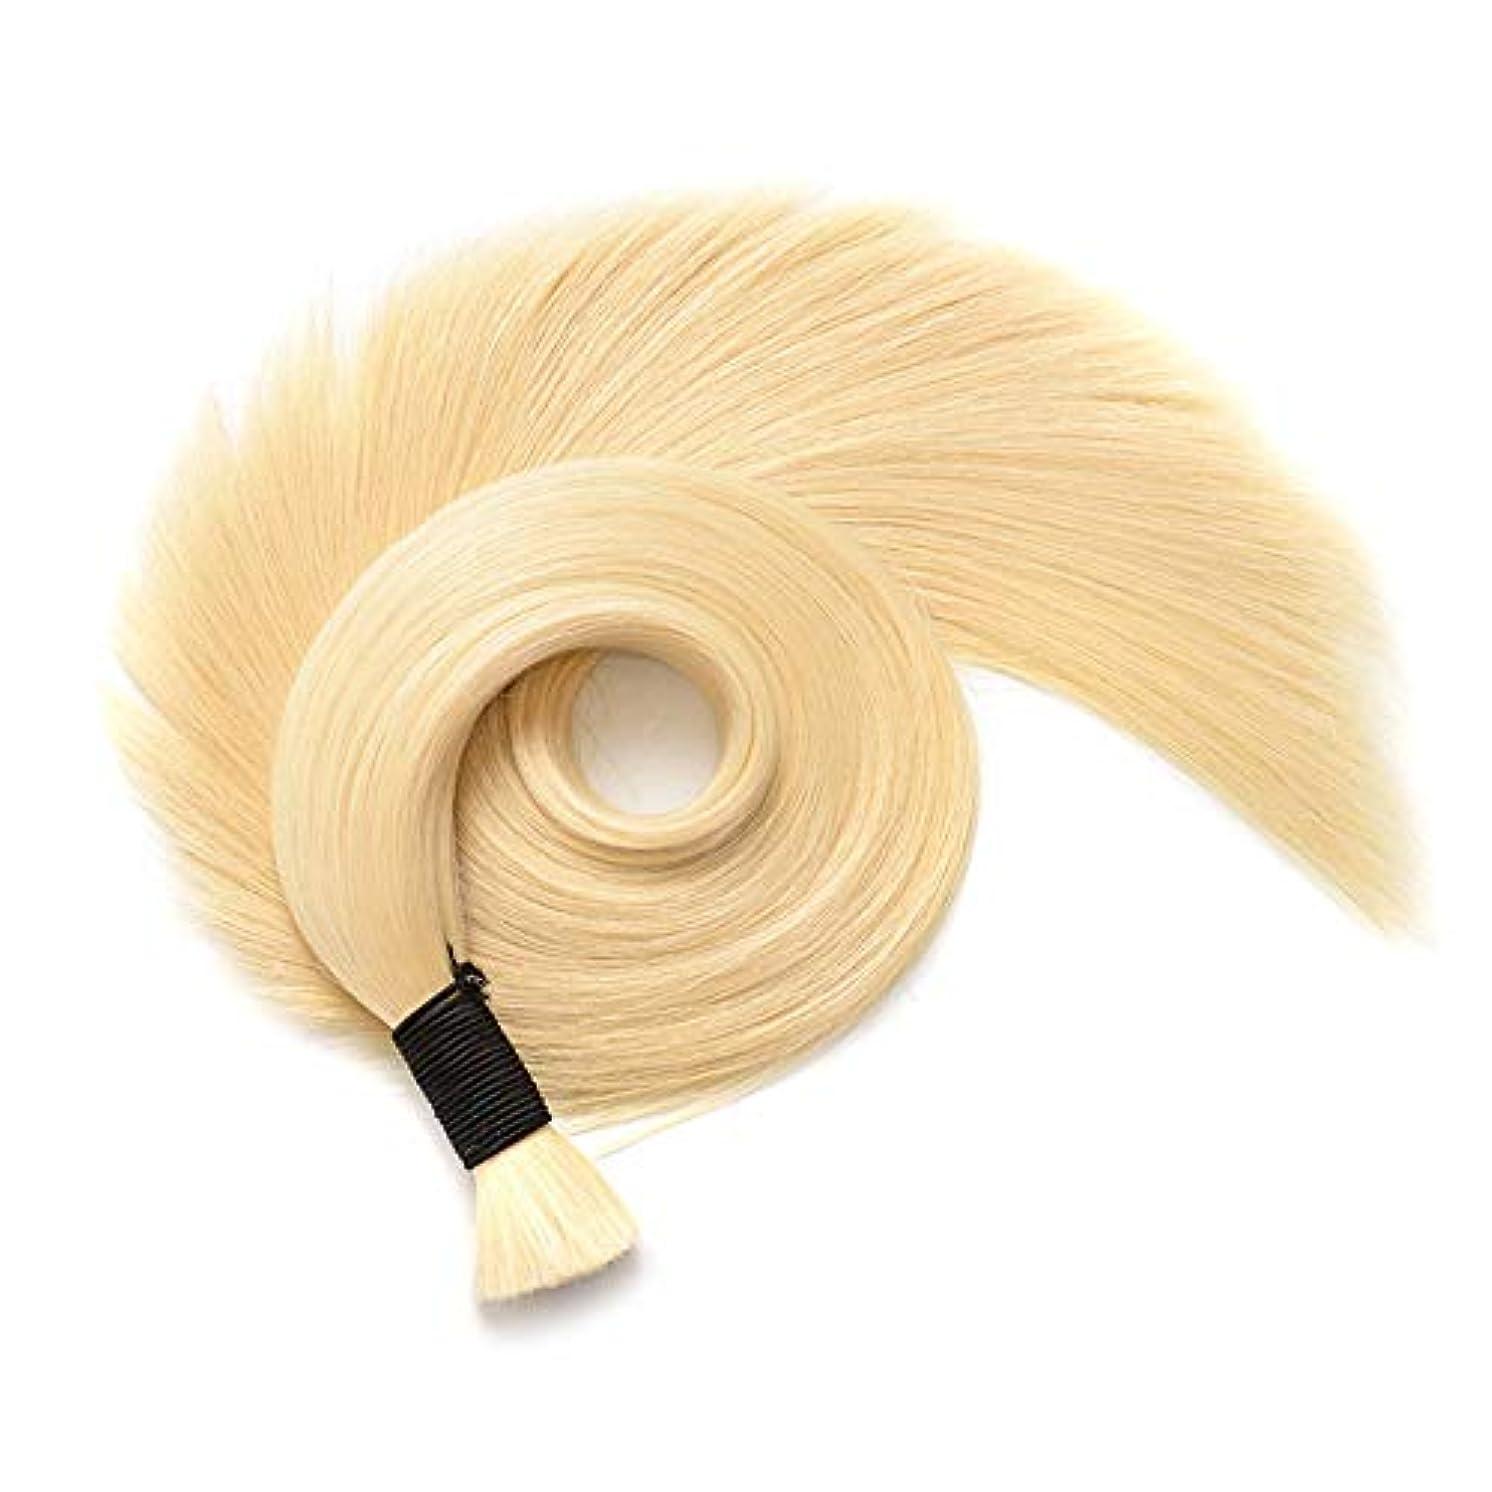 種類粒処方JULYTER 華麗なブロンドの人間の毛髪延長剤曲がりくねったナノリングヘアエクステンション50g /パッケージ (色 : 70cm)